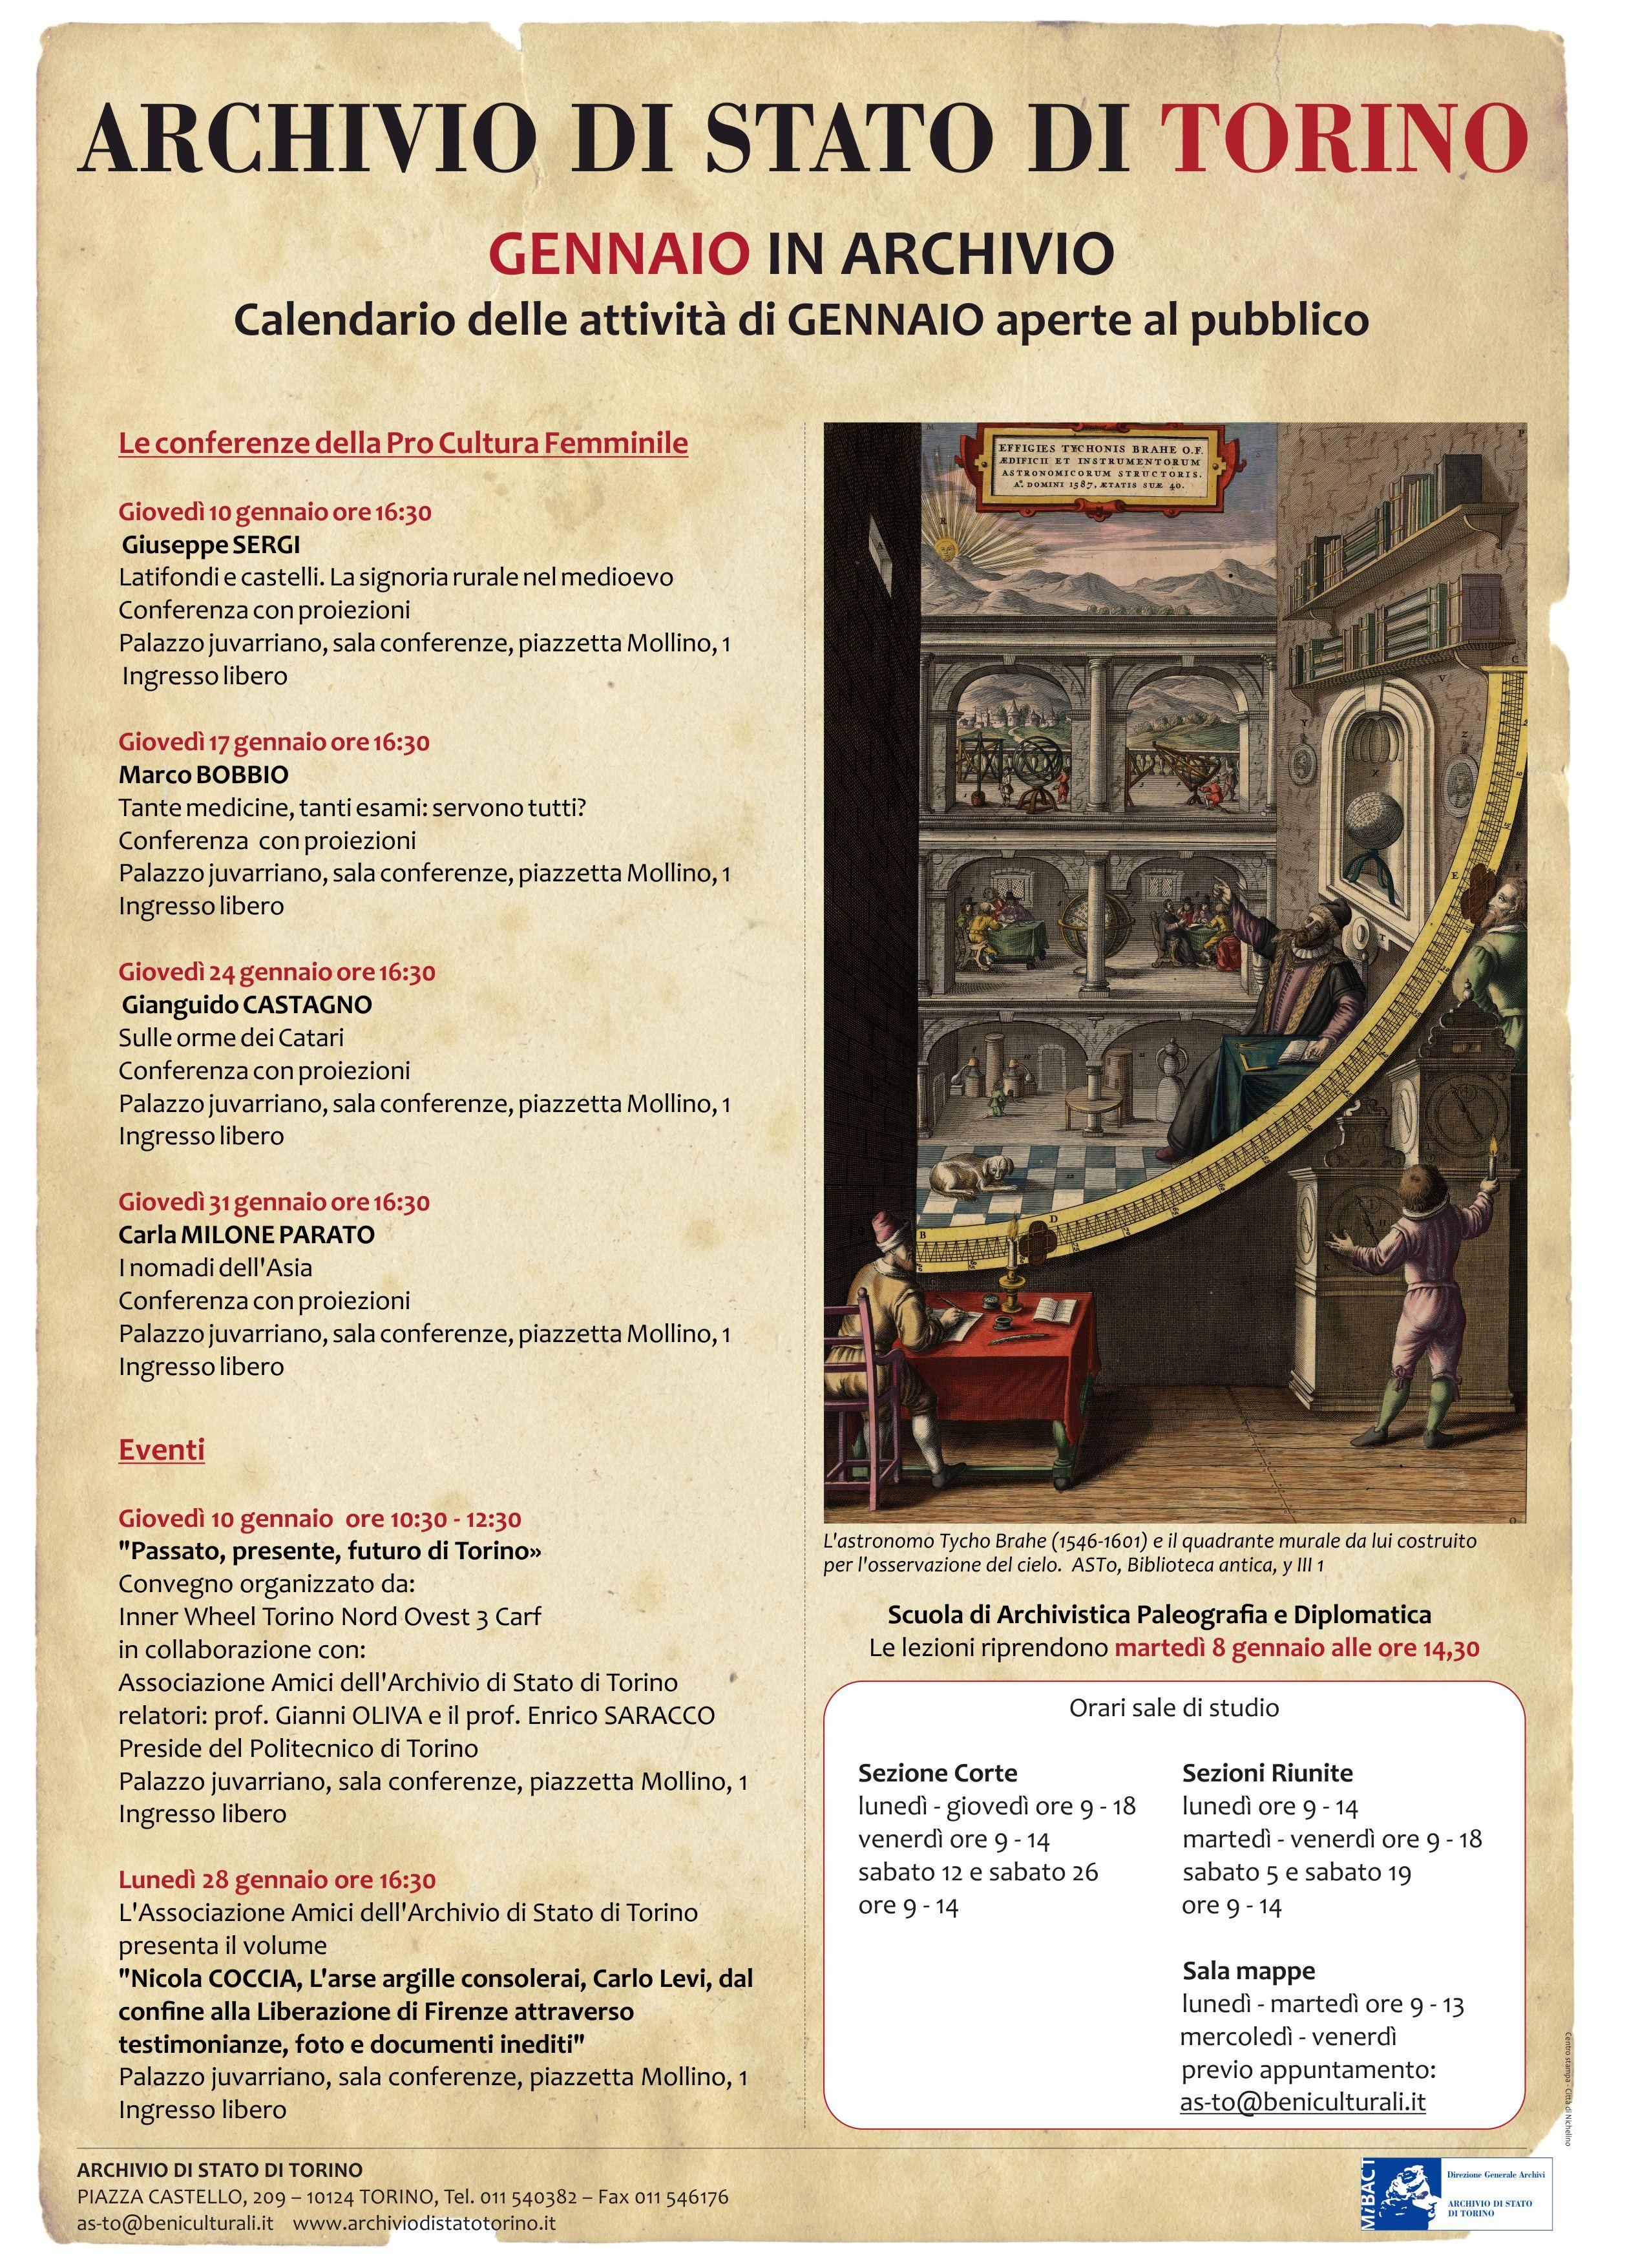 Calendario Politecnico.Gennaio In Archivio Archivio Di Stato Di Torino